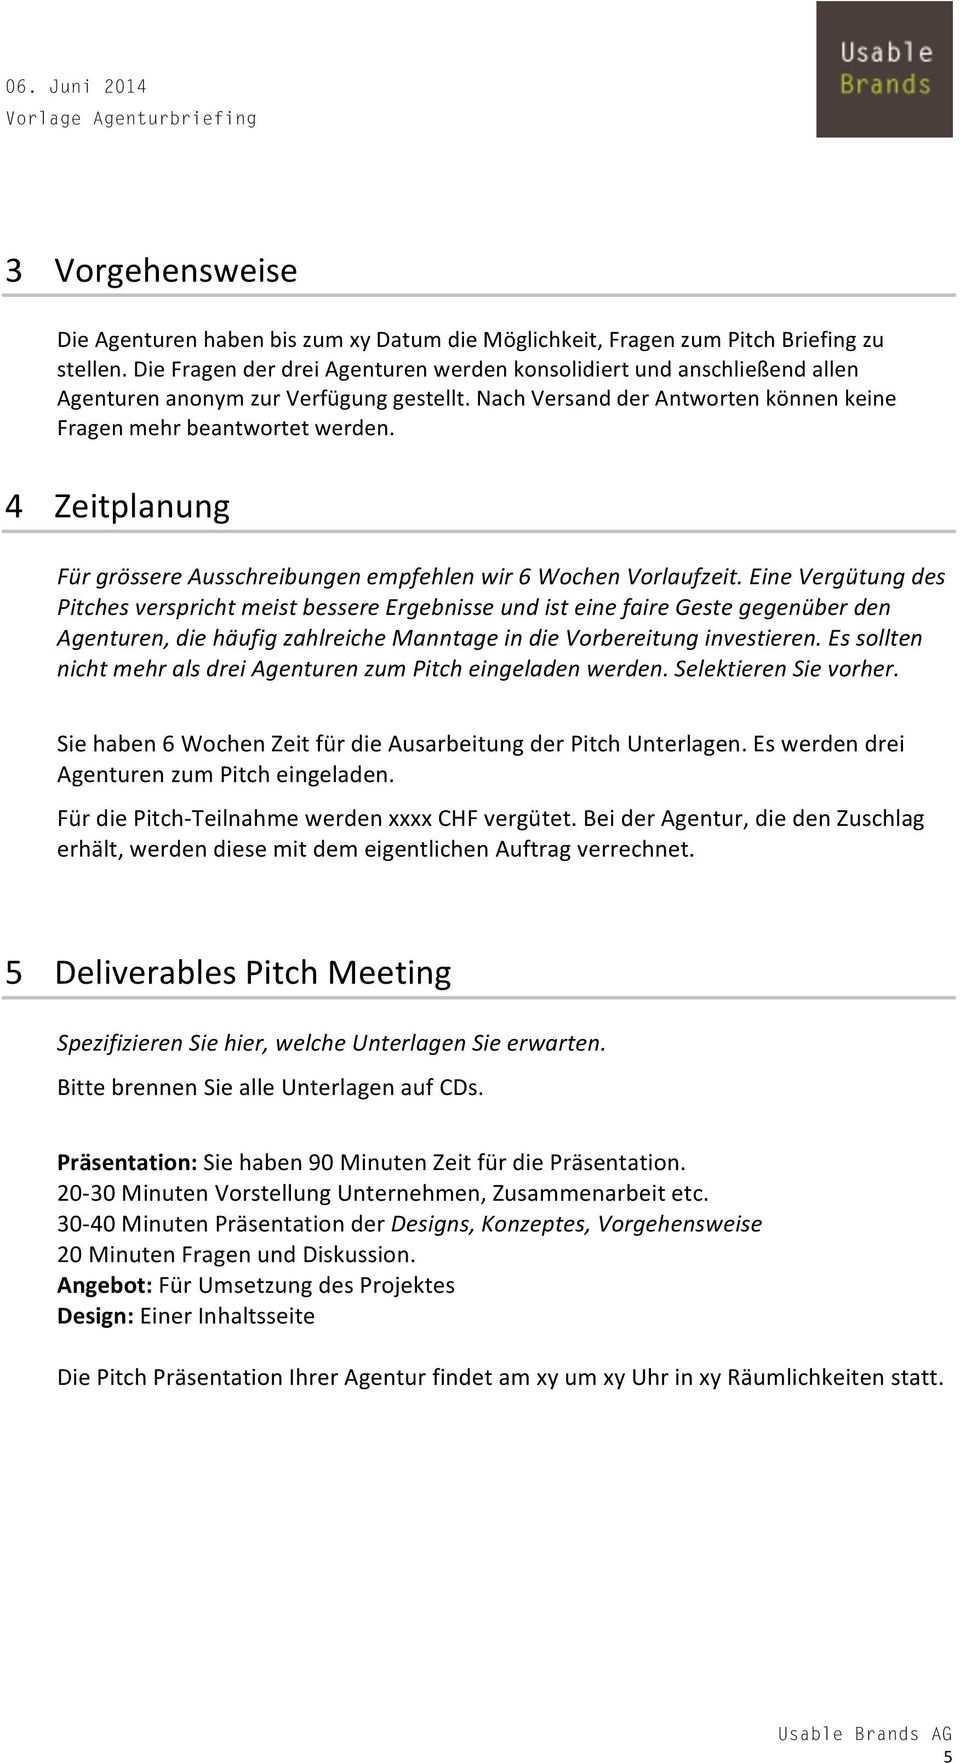 Vorlage Agenturbriefing Usable Brands Ag Feldstrasse Zurich 41 0 Pdf Kostenfreier Download